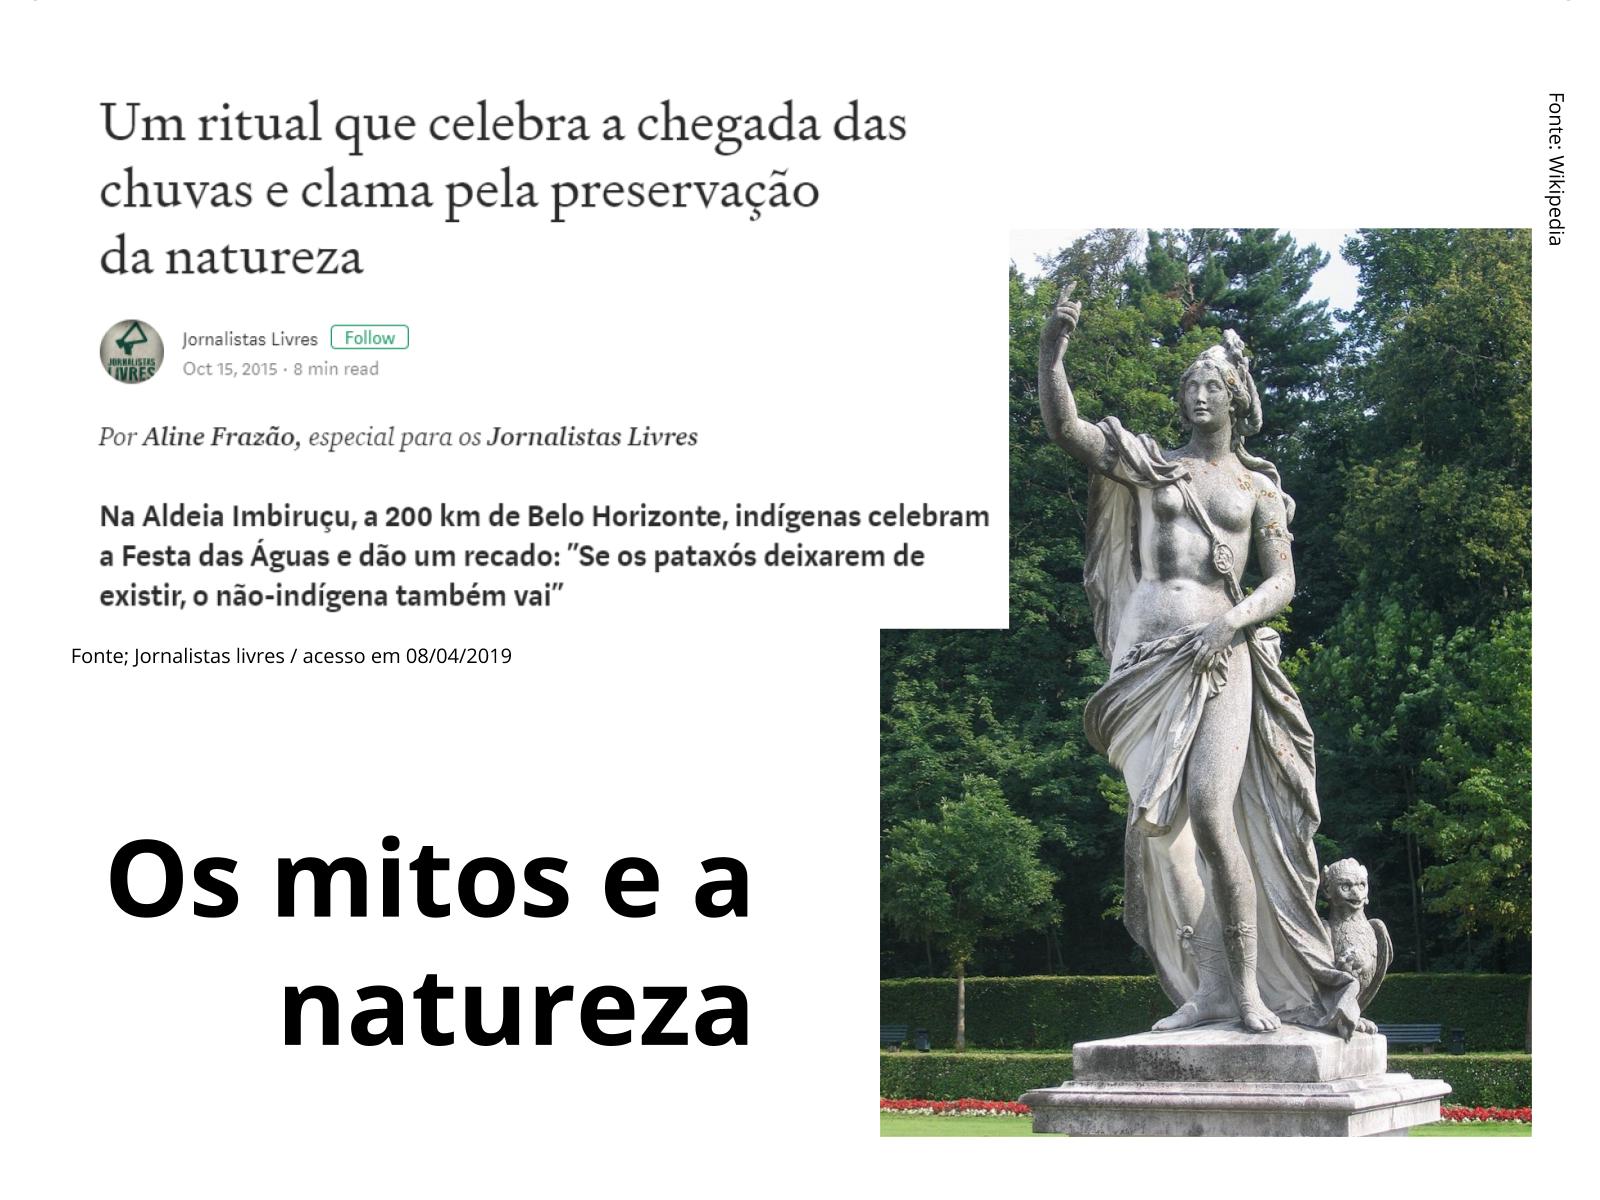 Religião, mitologia e natureza